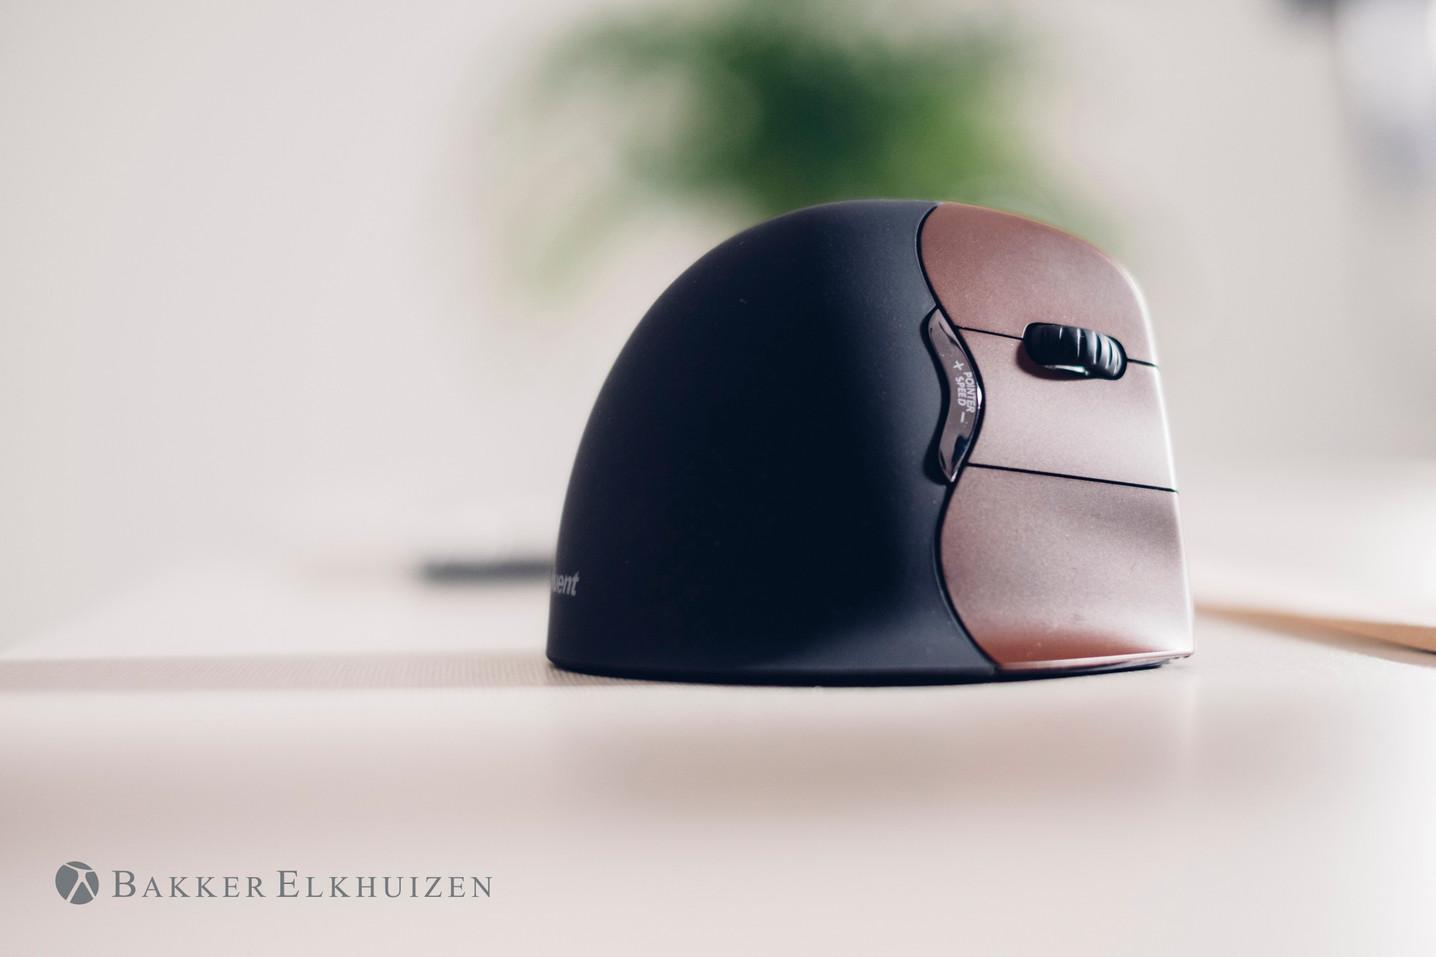 evoluent4-small-wireless-ergonomic-verti